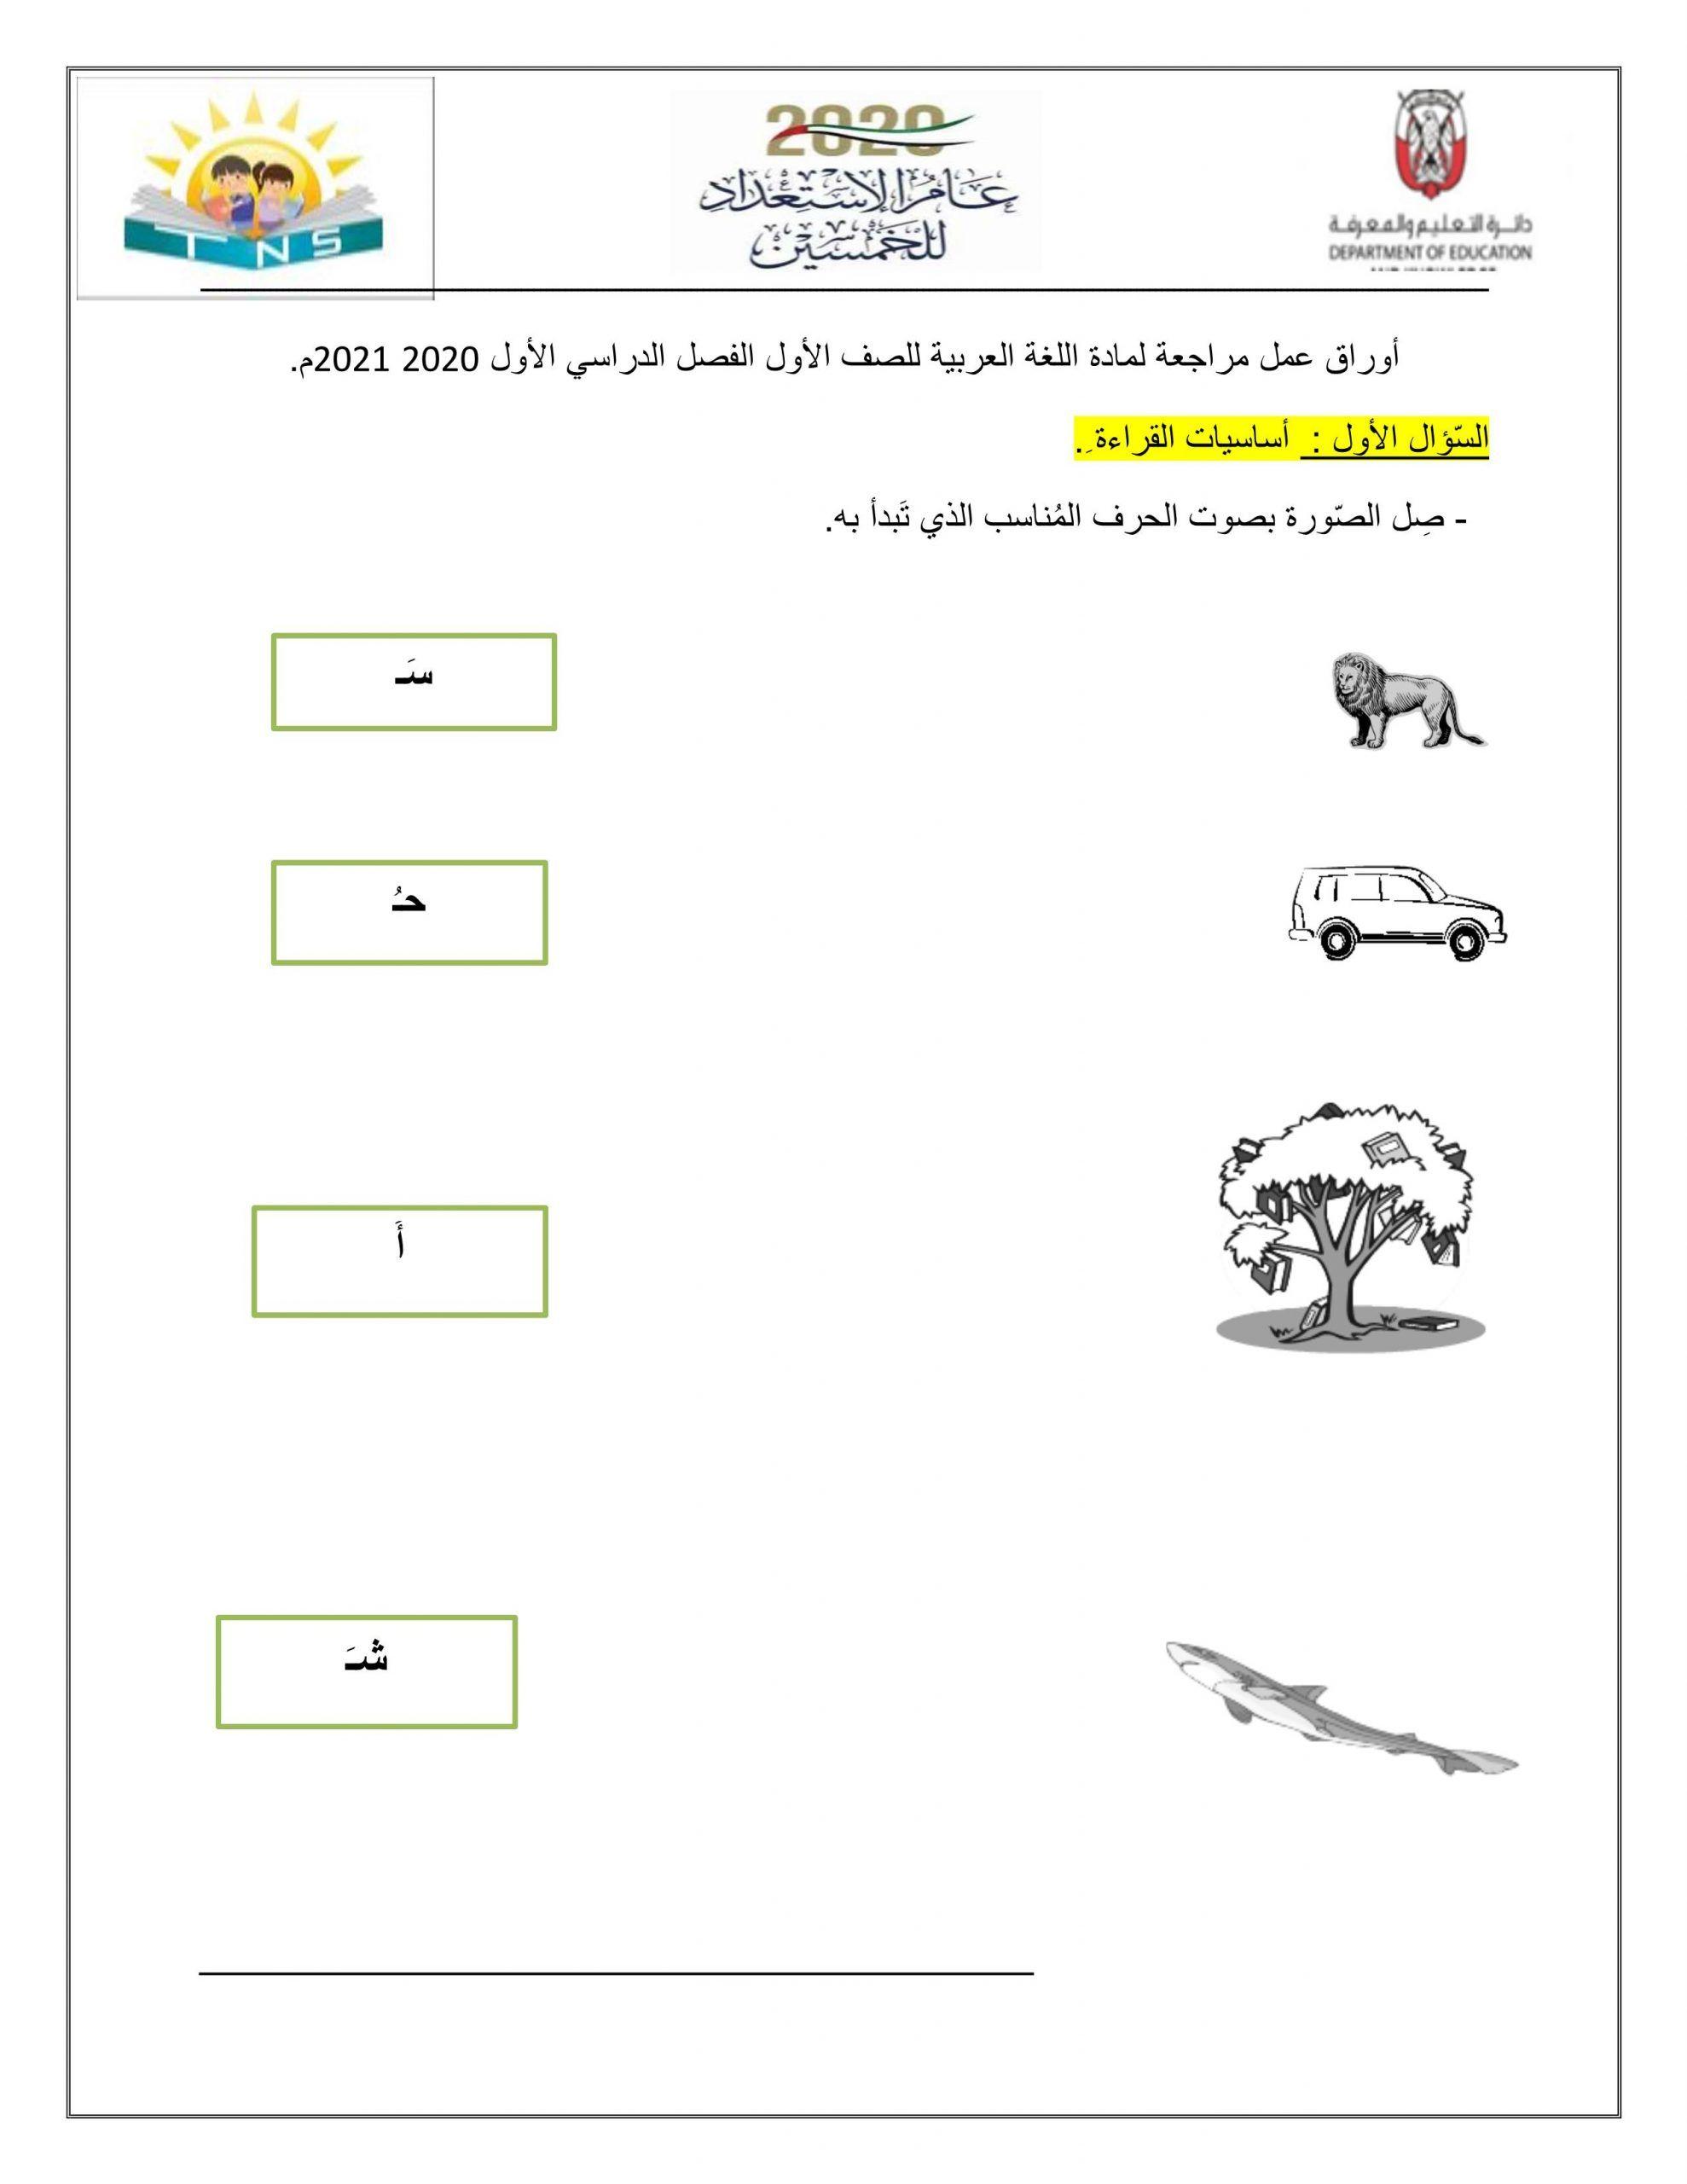 اوراق عمل متنوعة مراجعة عامة الصف الاول مادة اللغة العربية Education